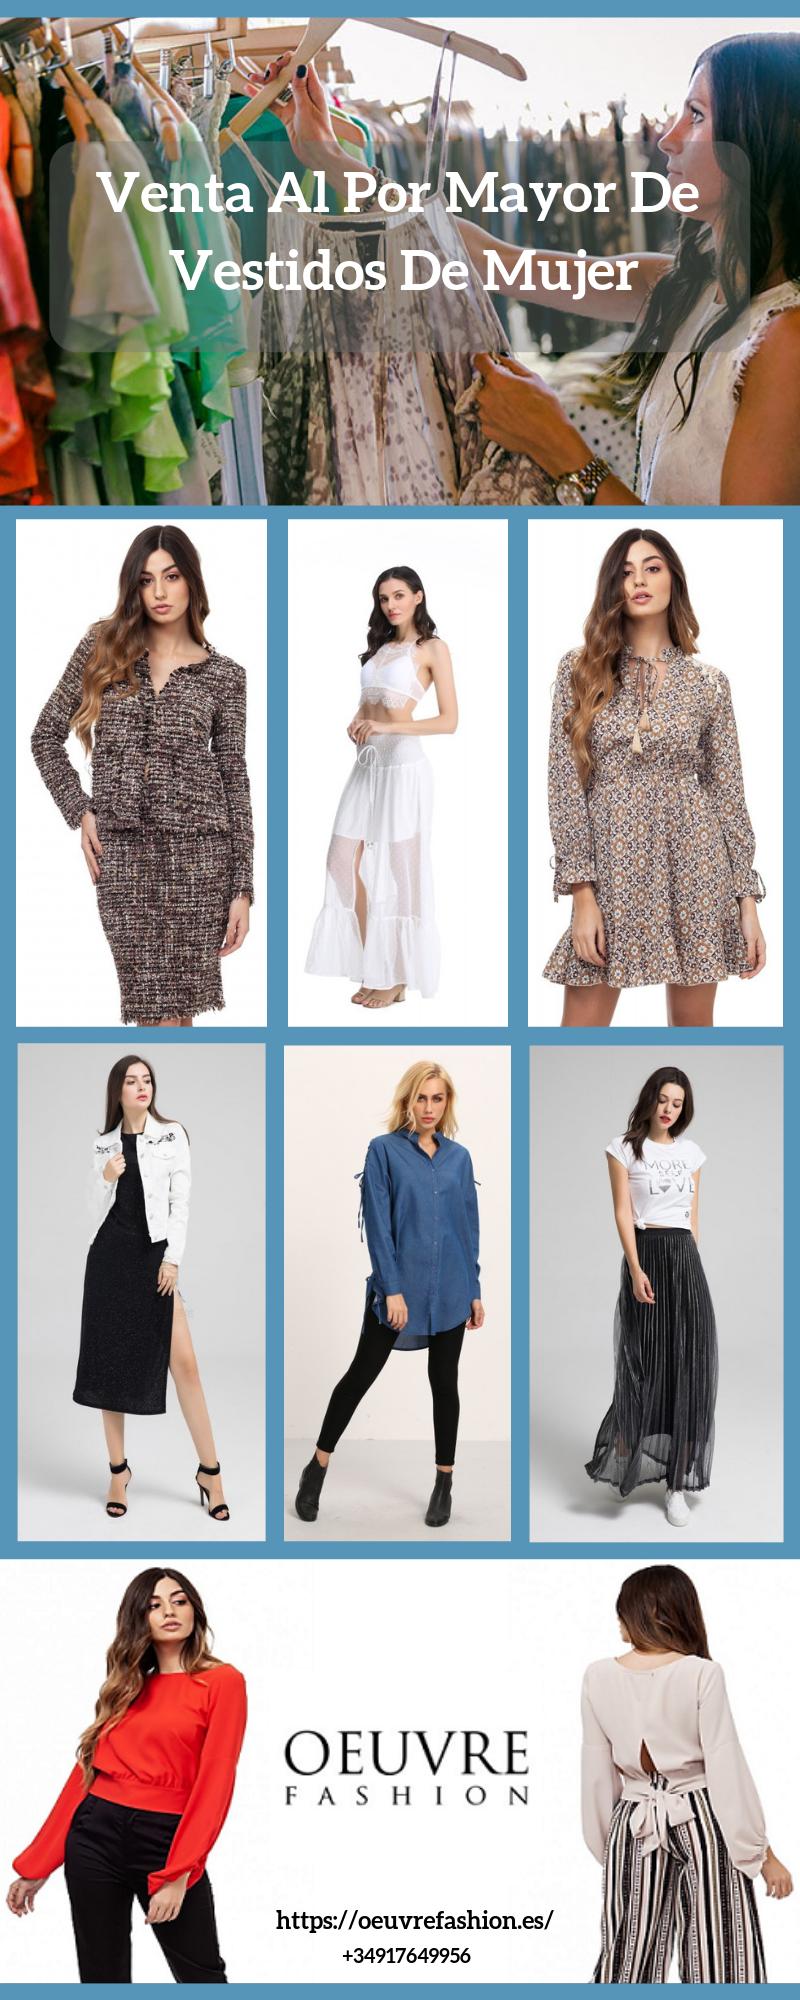 Venta Al Por Mayor De Vestidos De Mujer Tiendas De Ropa De Moda Ropa En Línea Mayoristas De Ropa